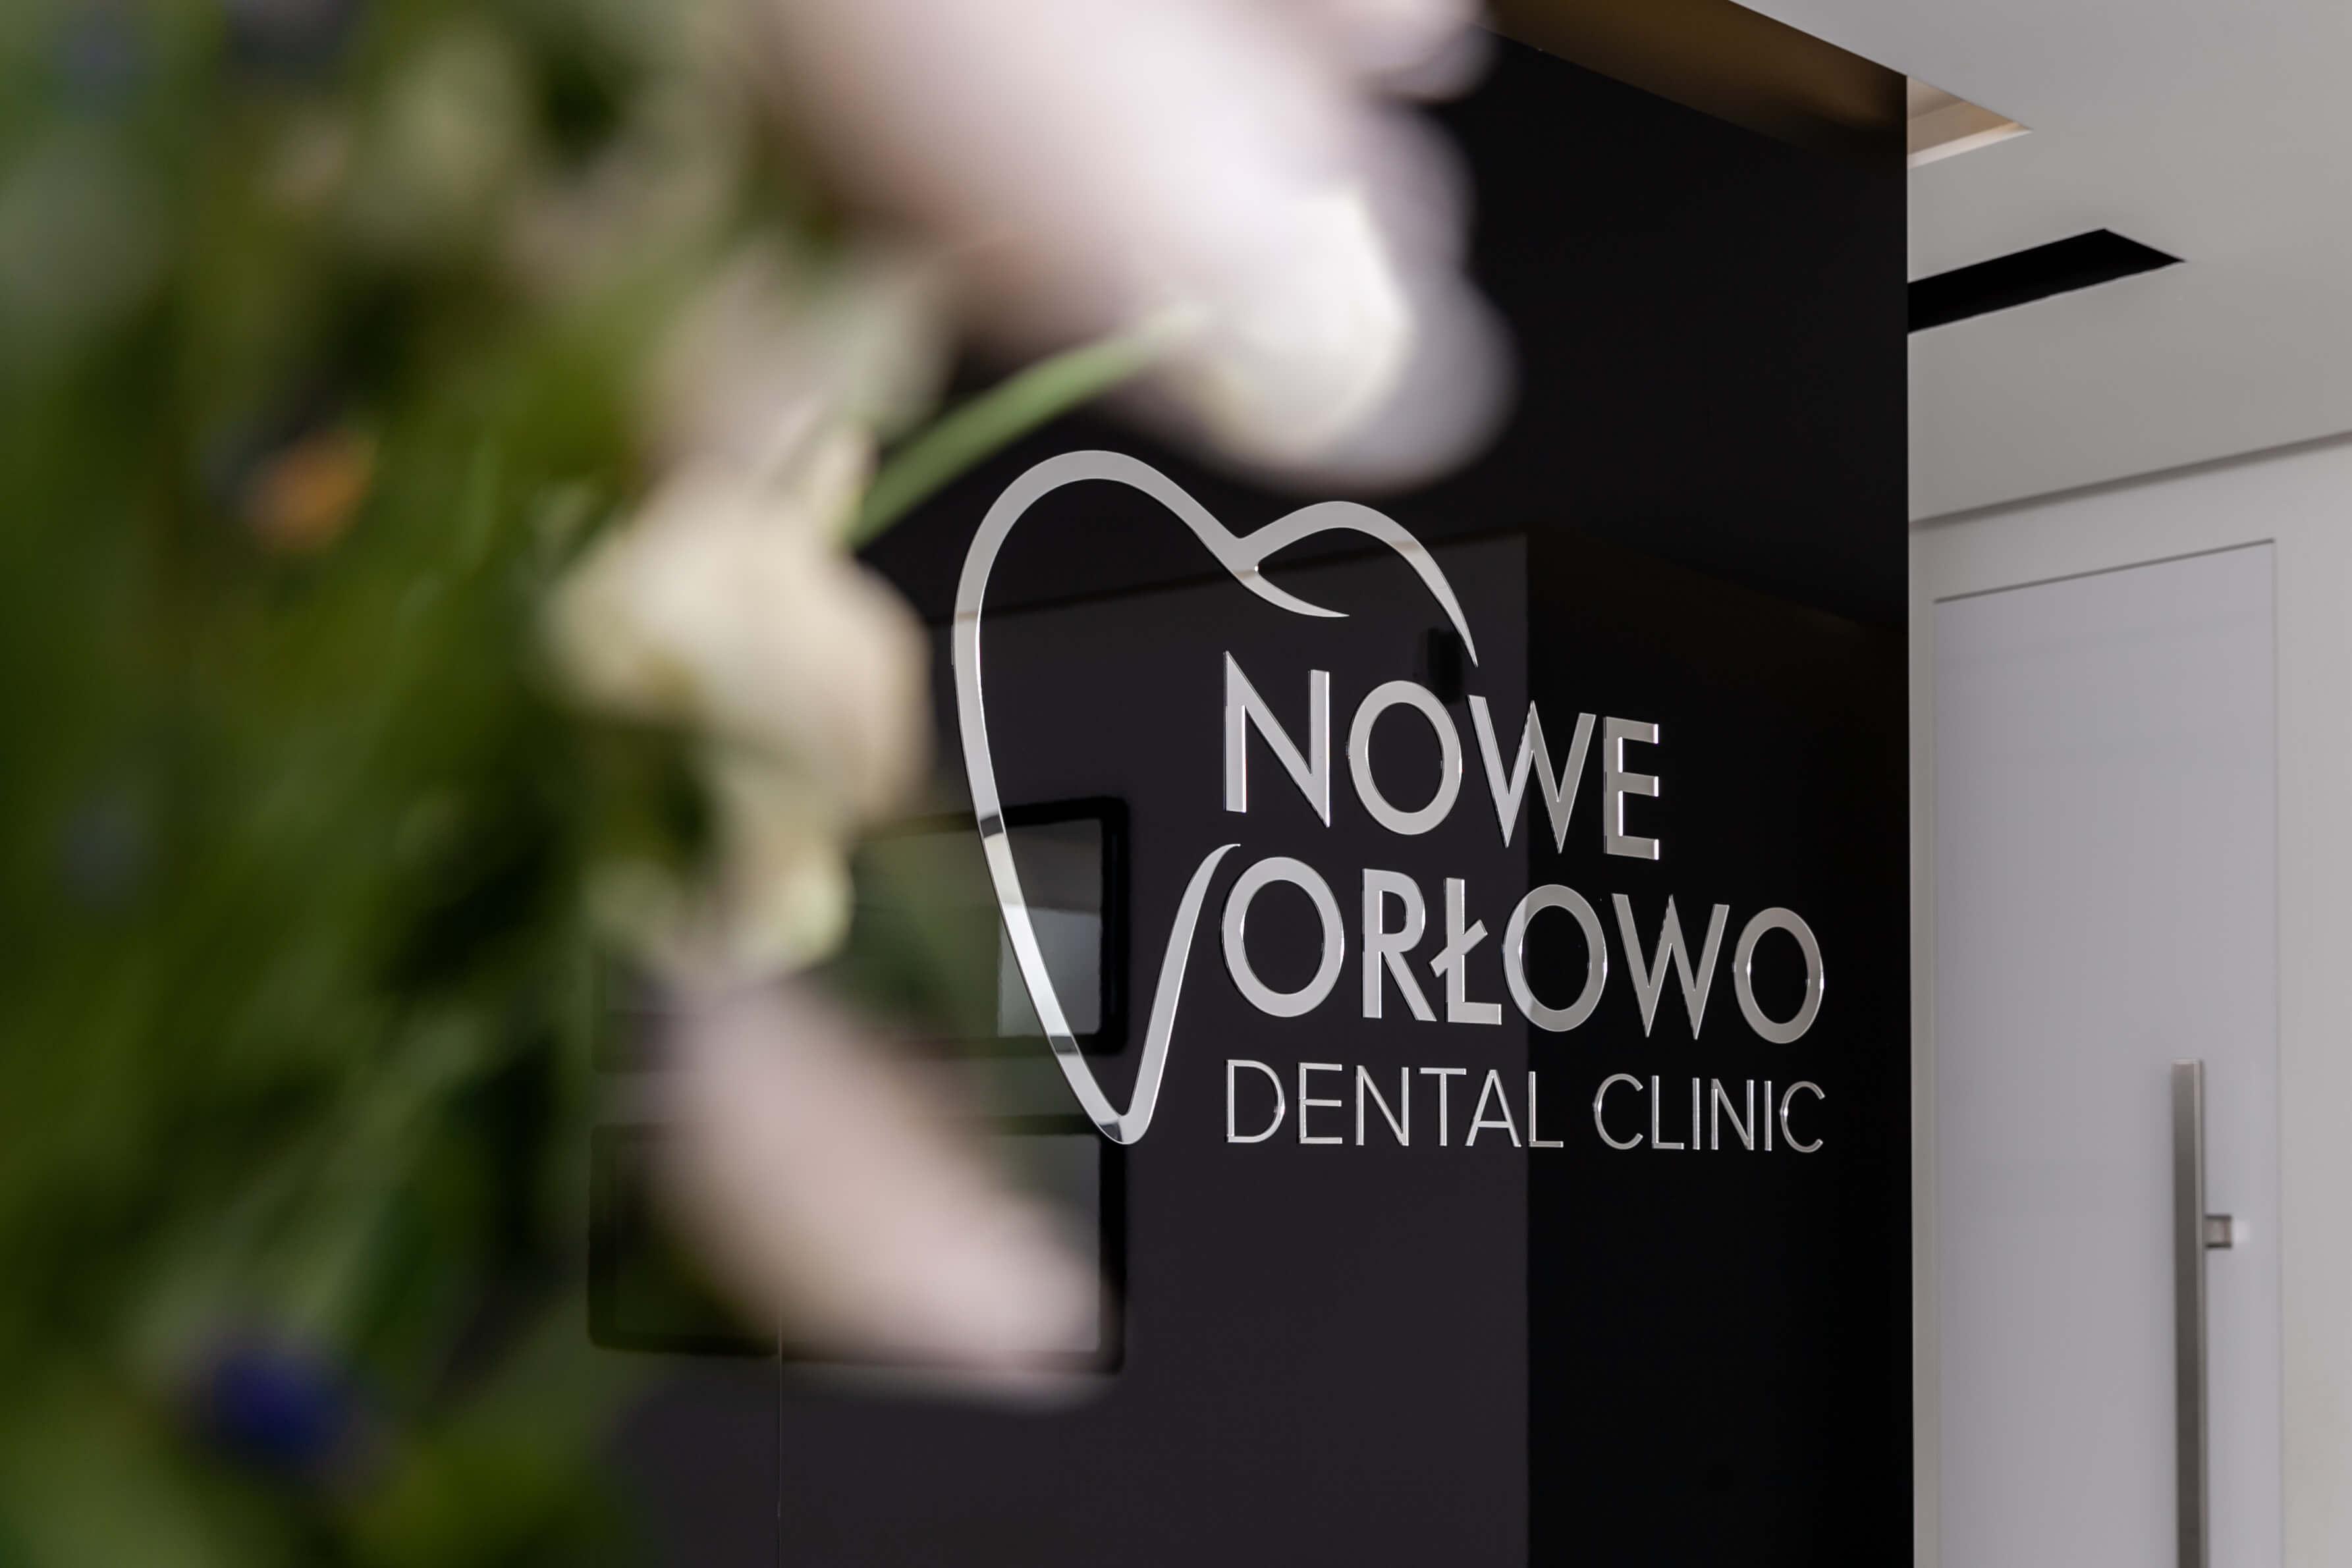 Nowe Orłowo Dental clinic 17 - Nowe Orłowo Dental Clinic – klinika godna zaufania